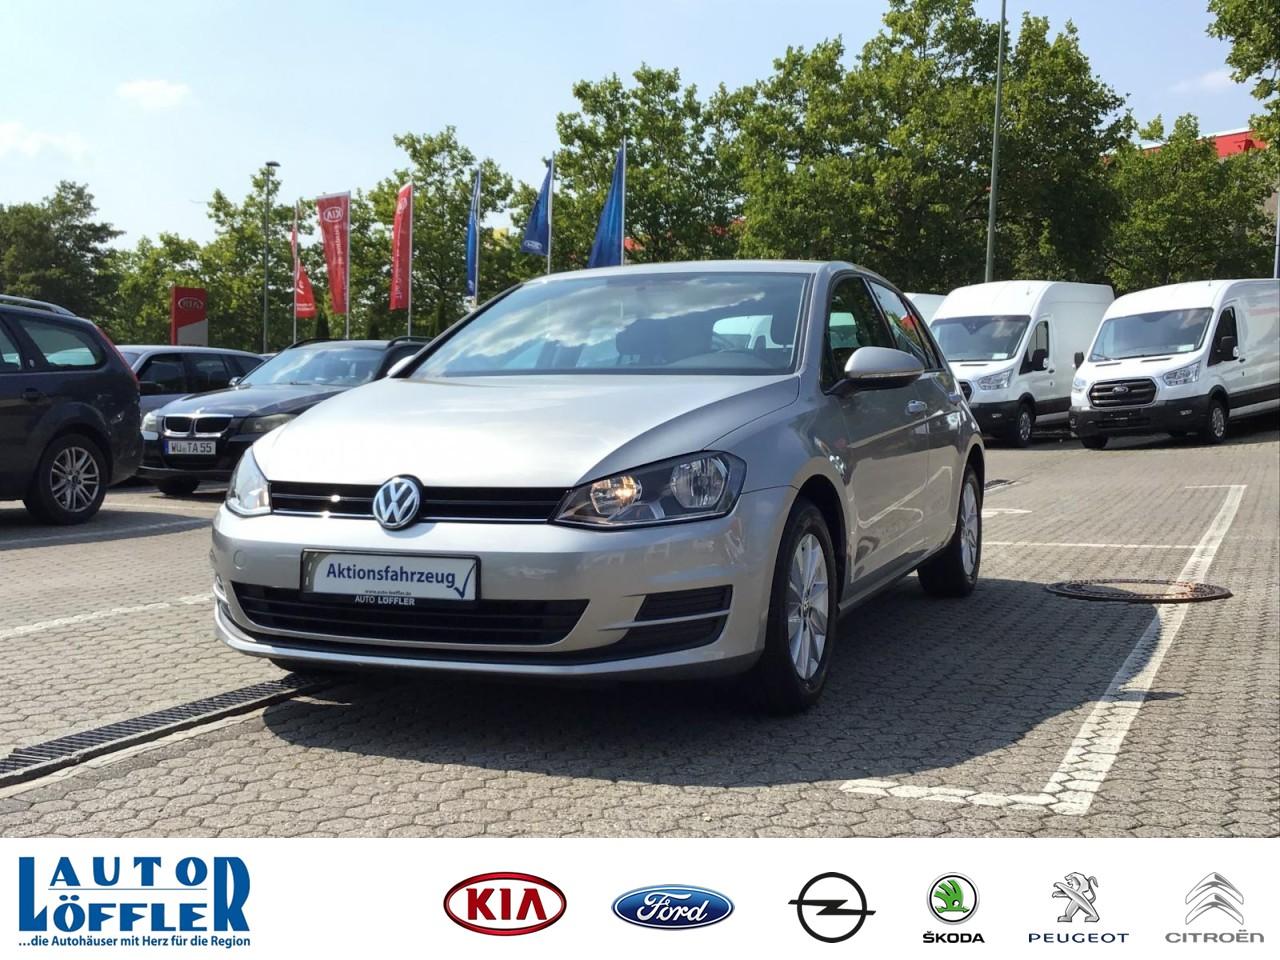 Volkswagen Golf VII 1.2 TSI BMT - Klima el.FH ZV Alu 5T, Jahr 2014, Benzin